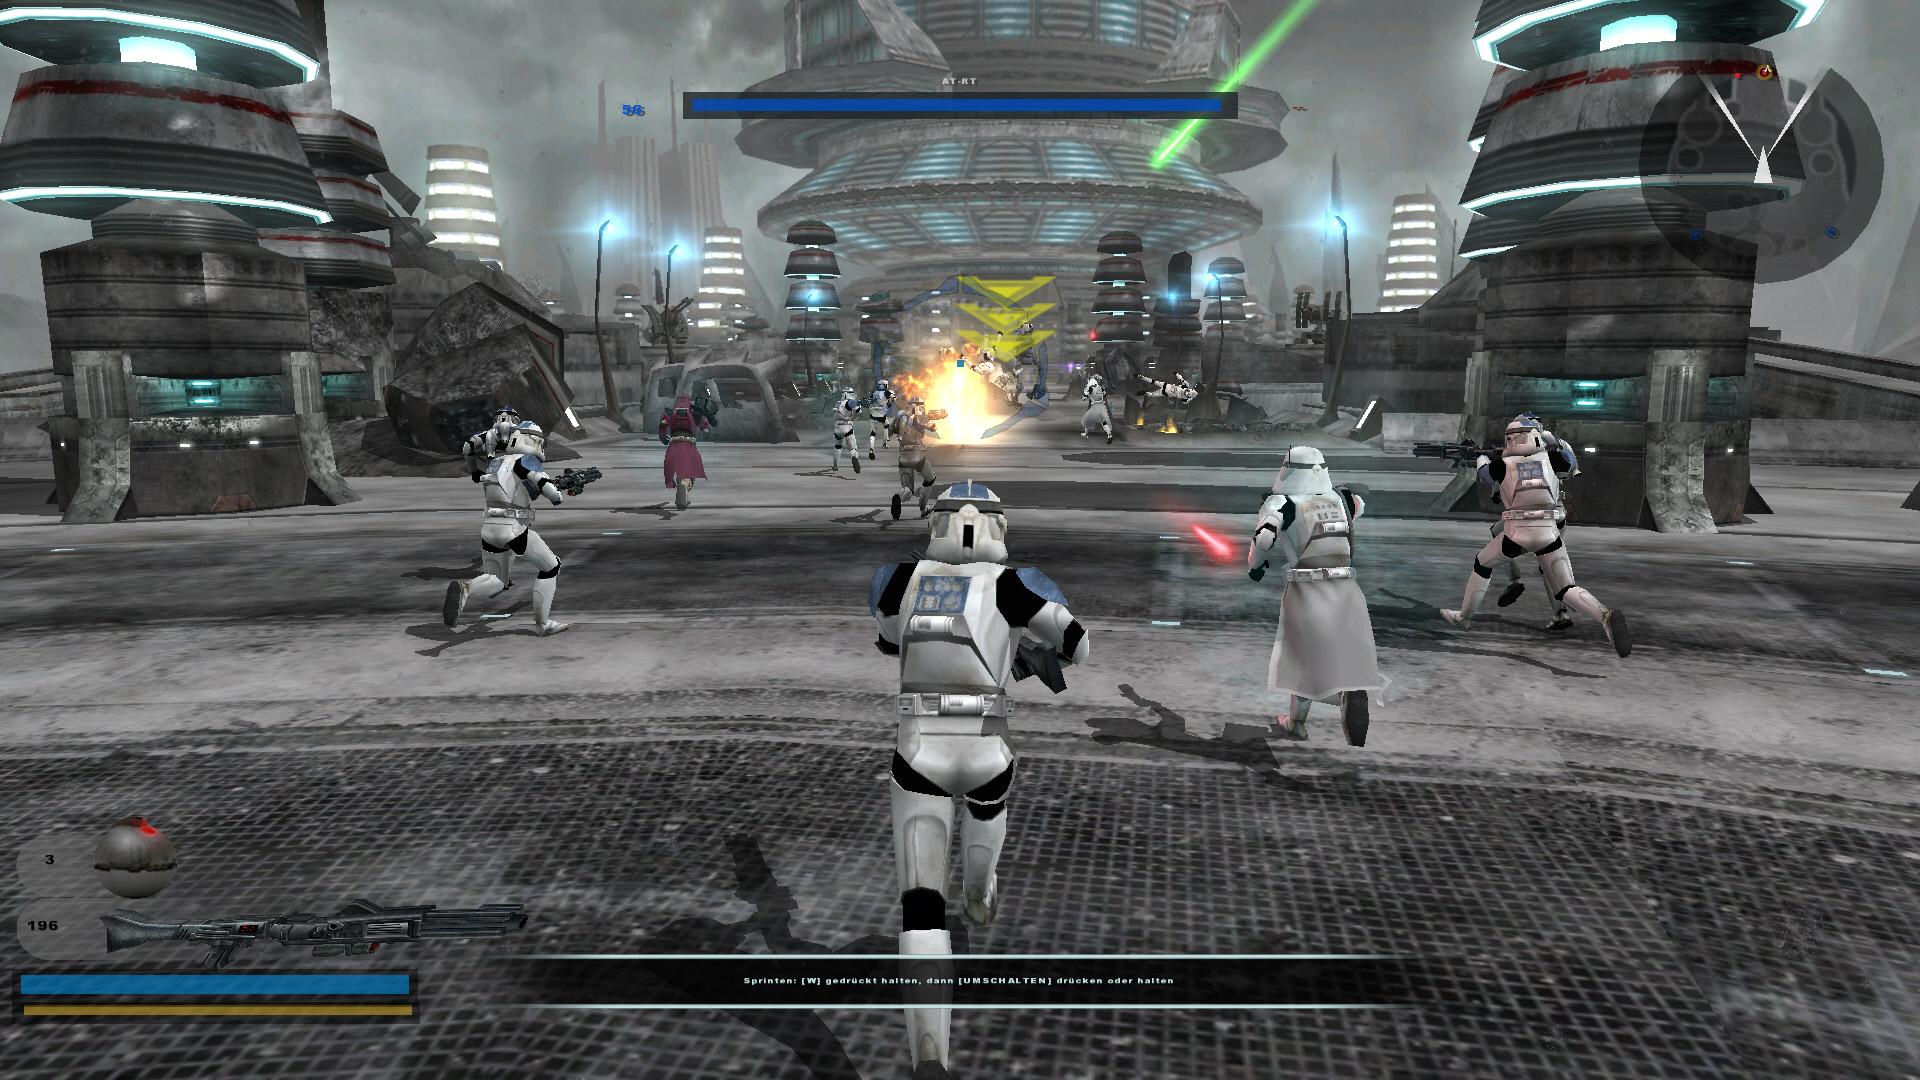 Image result for star wars battlefront ii multiplayer